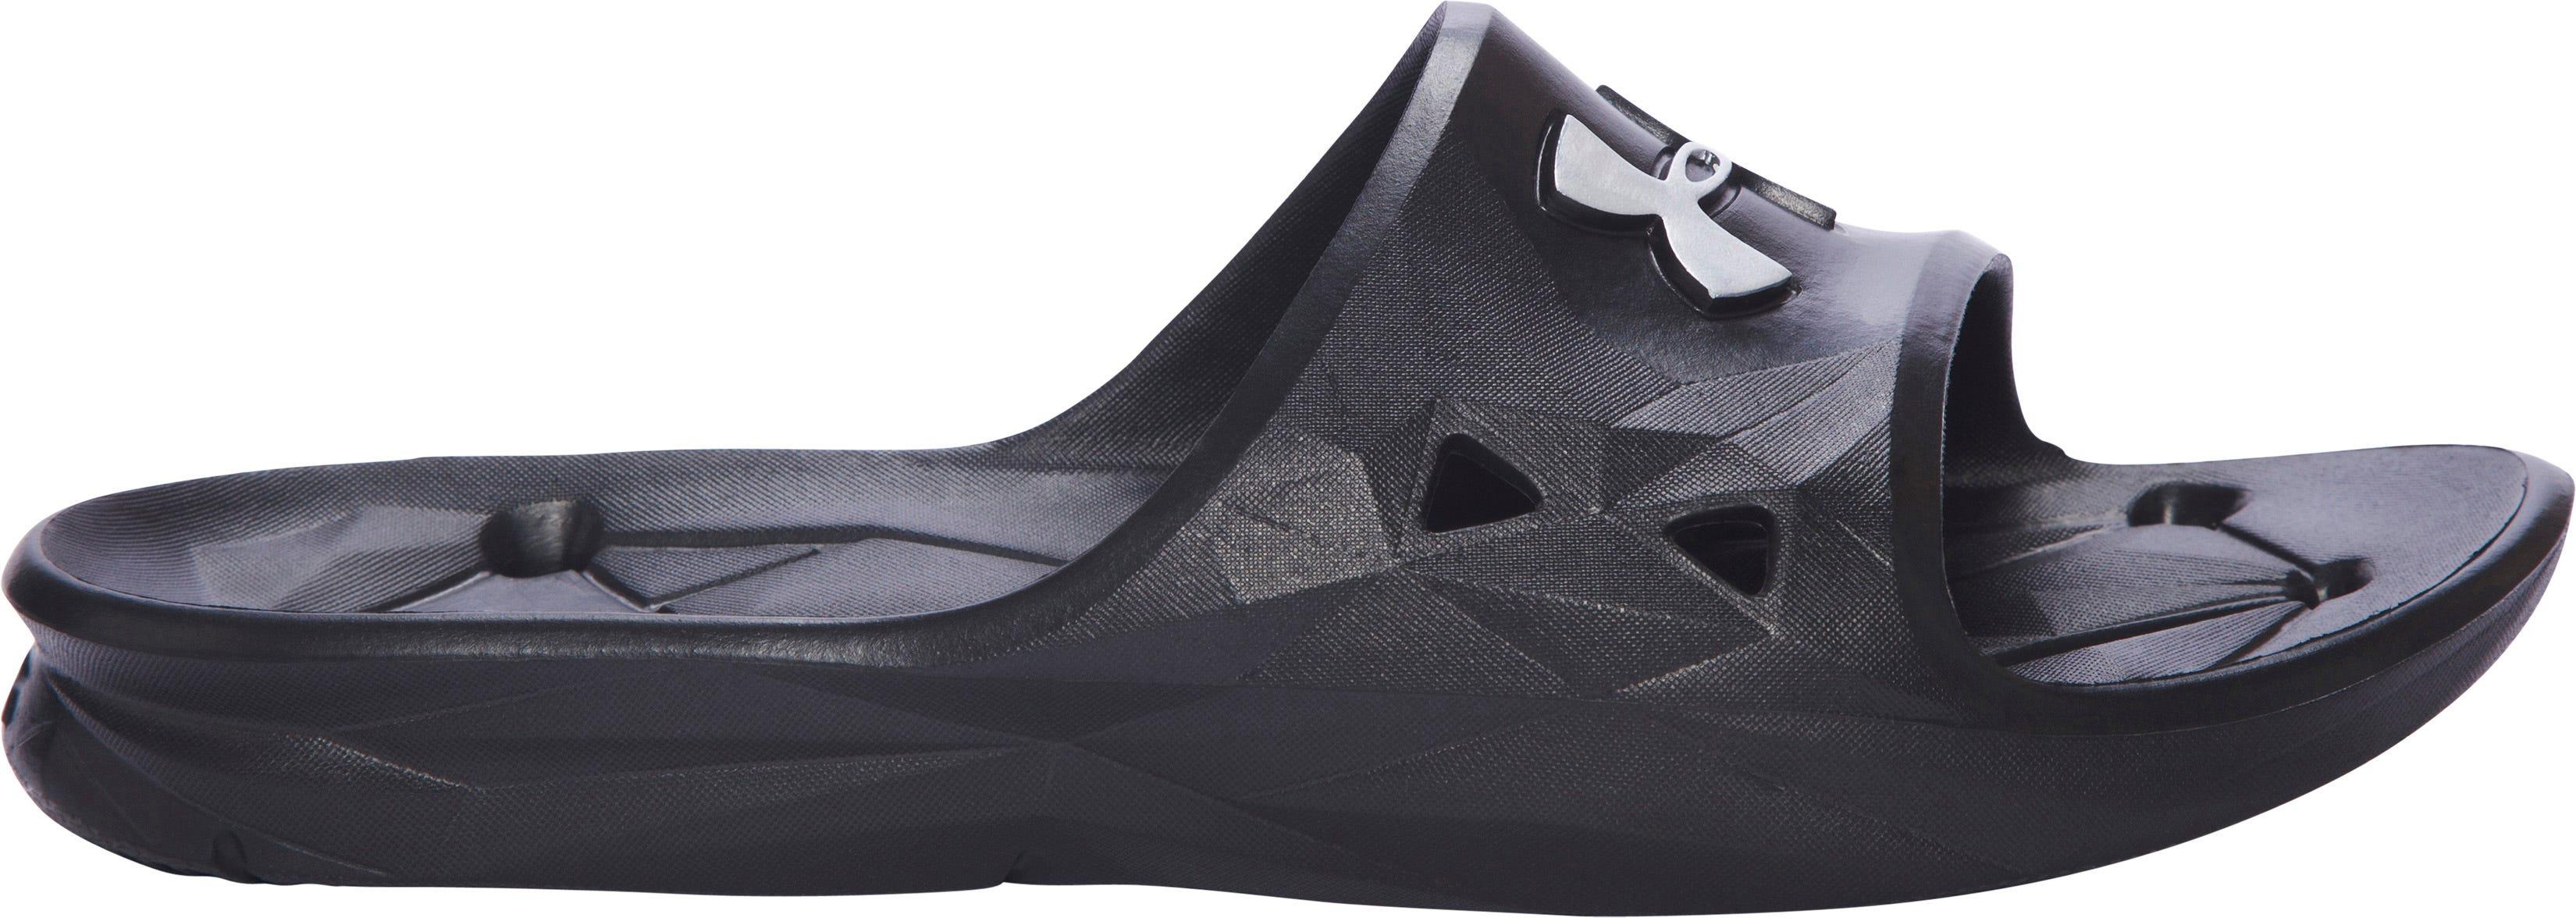 UNDER ARMOUR Locker III Men's Sandals